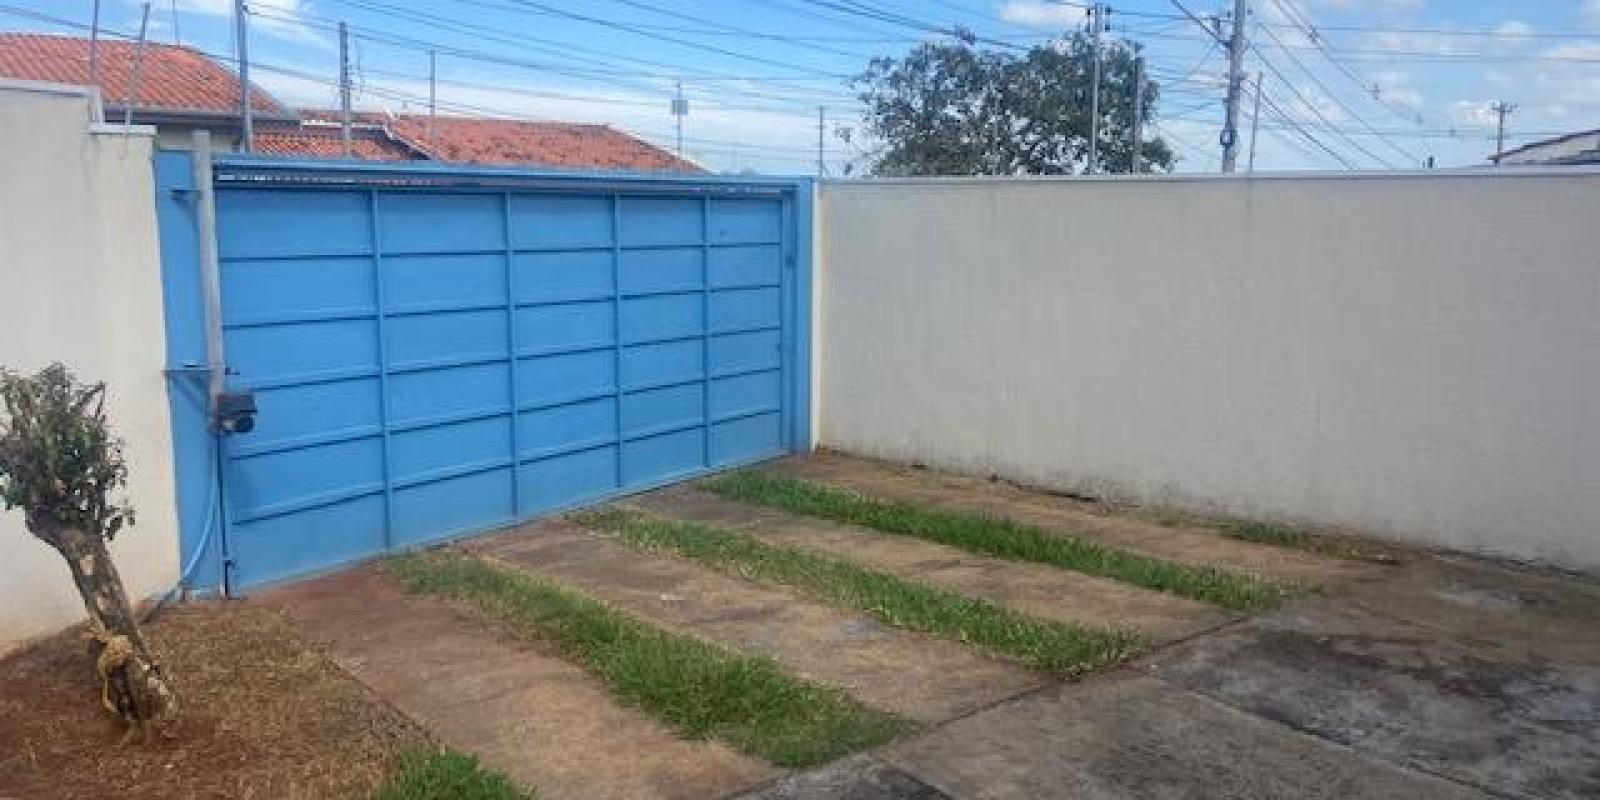 Casa no Bairro Brabancia em Avaré SP - Foto 11 de 24